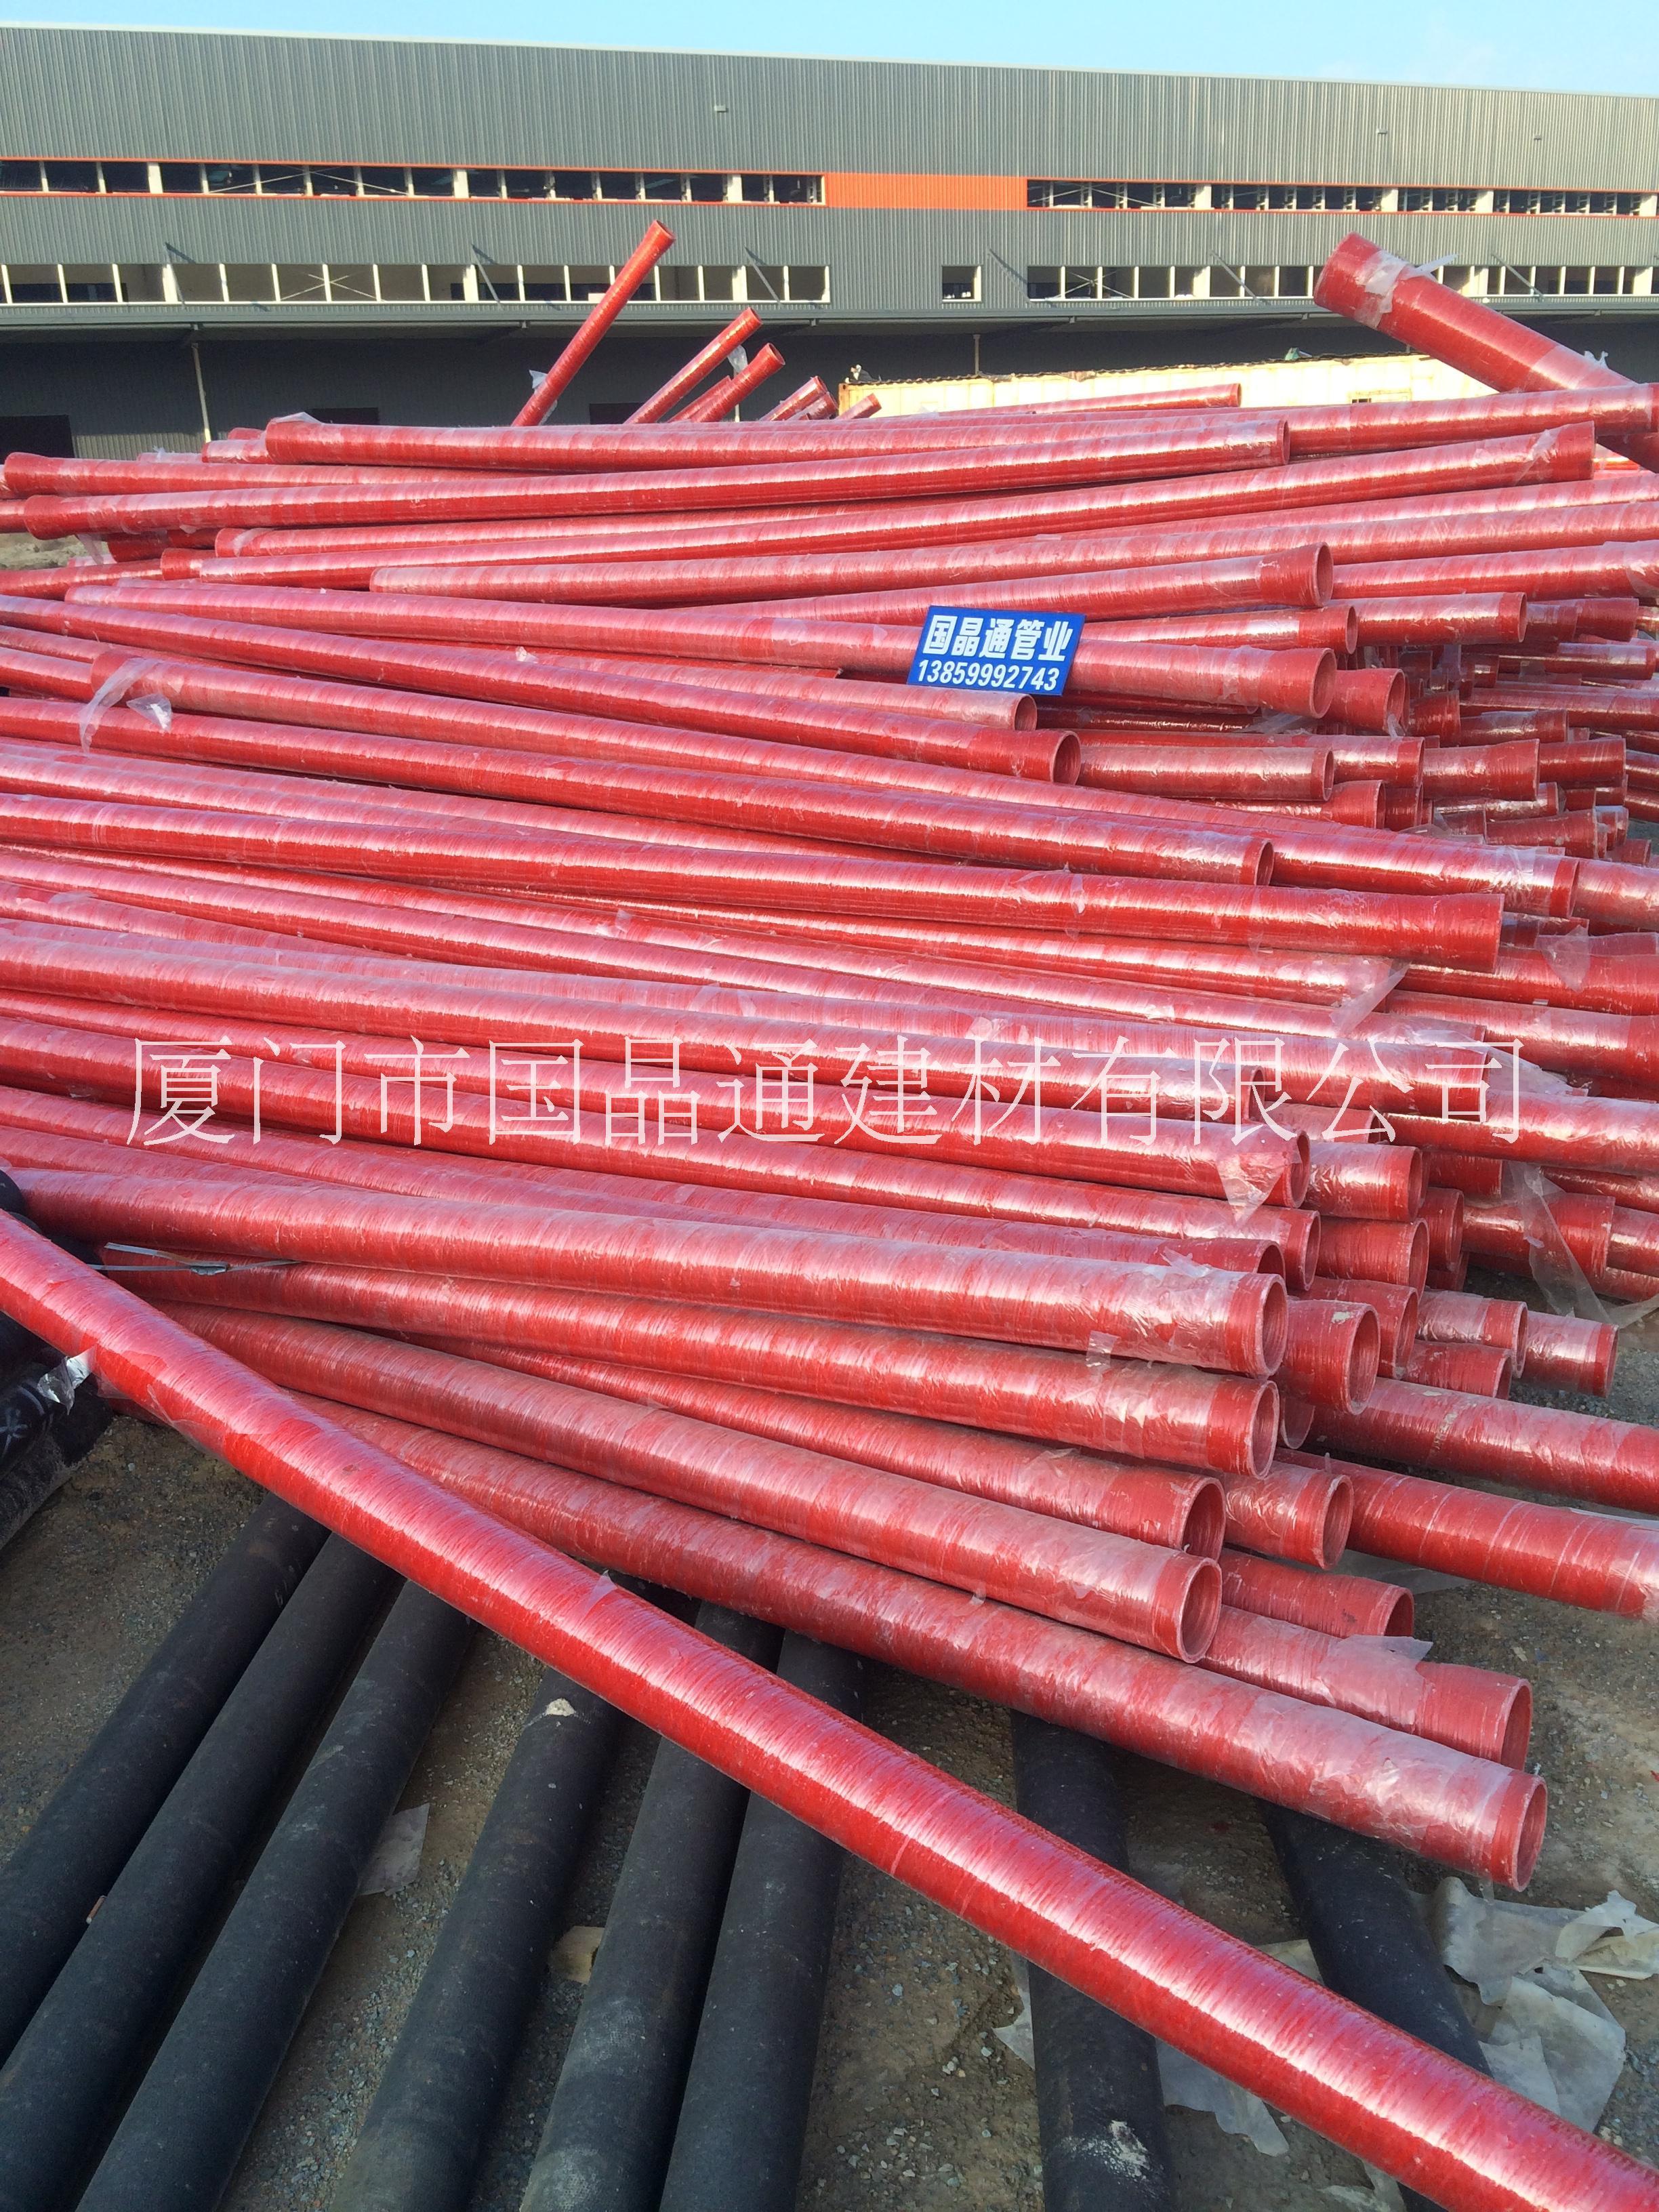 厦门玻璃钢电力套管生产厂家 玻璃钢电力套管批发价格,玻璃钢管